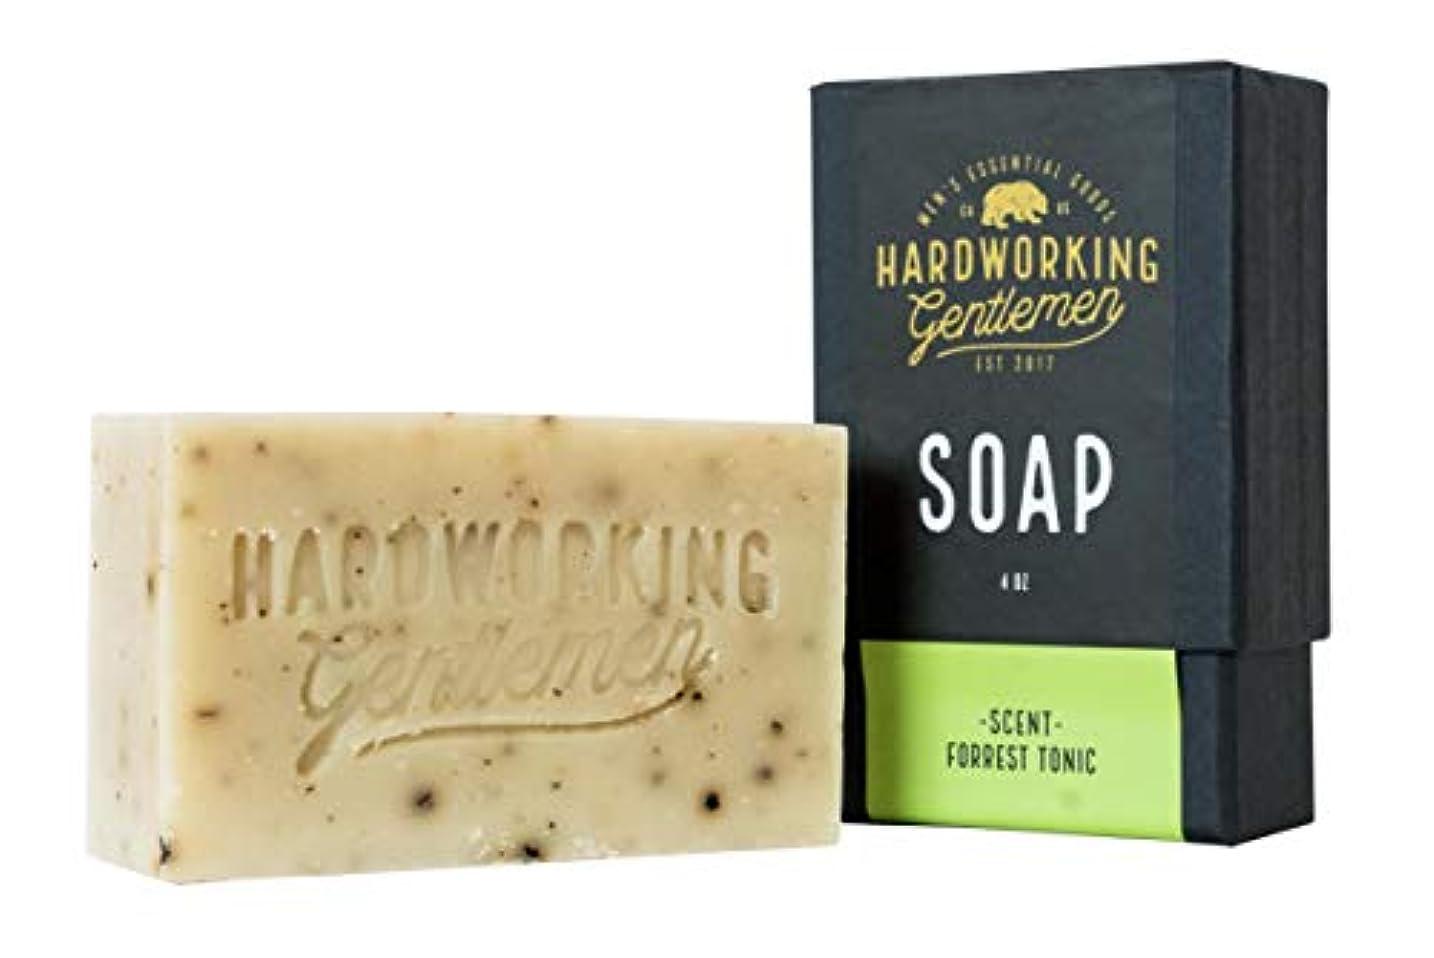 確執汚染グレーHardworking Gentlemen (ハードワーキング ジェントルメン) Forest Tonic Soap バーソープ 固形せっけん 113g 天然成分 オーガニック